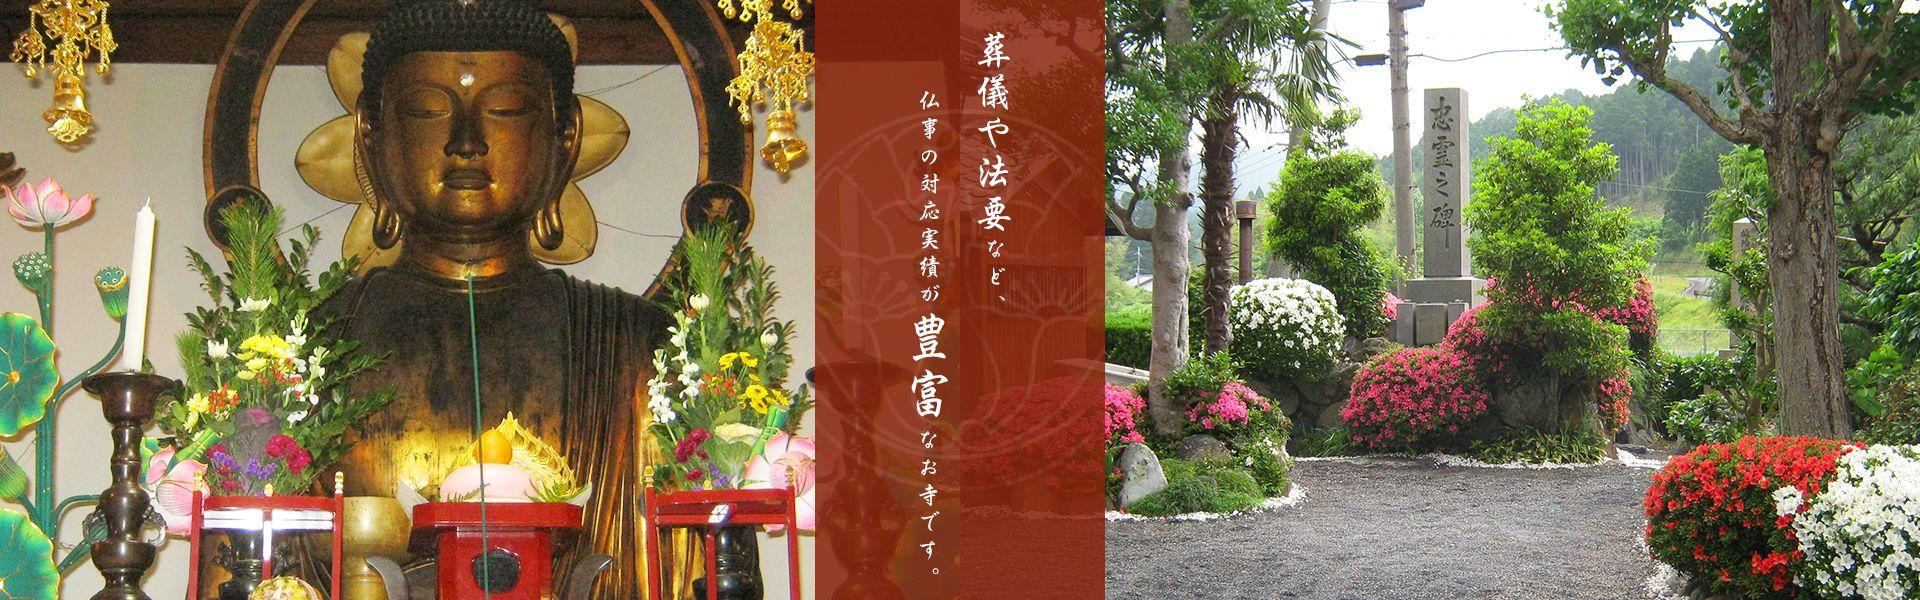 葬儀や法要など、仏事の対応実績が豊富なお寺です。